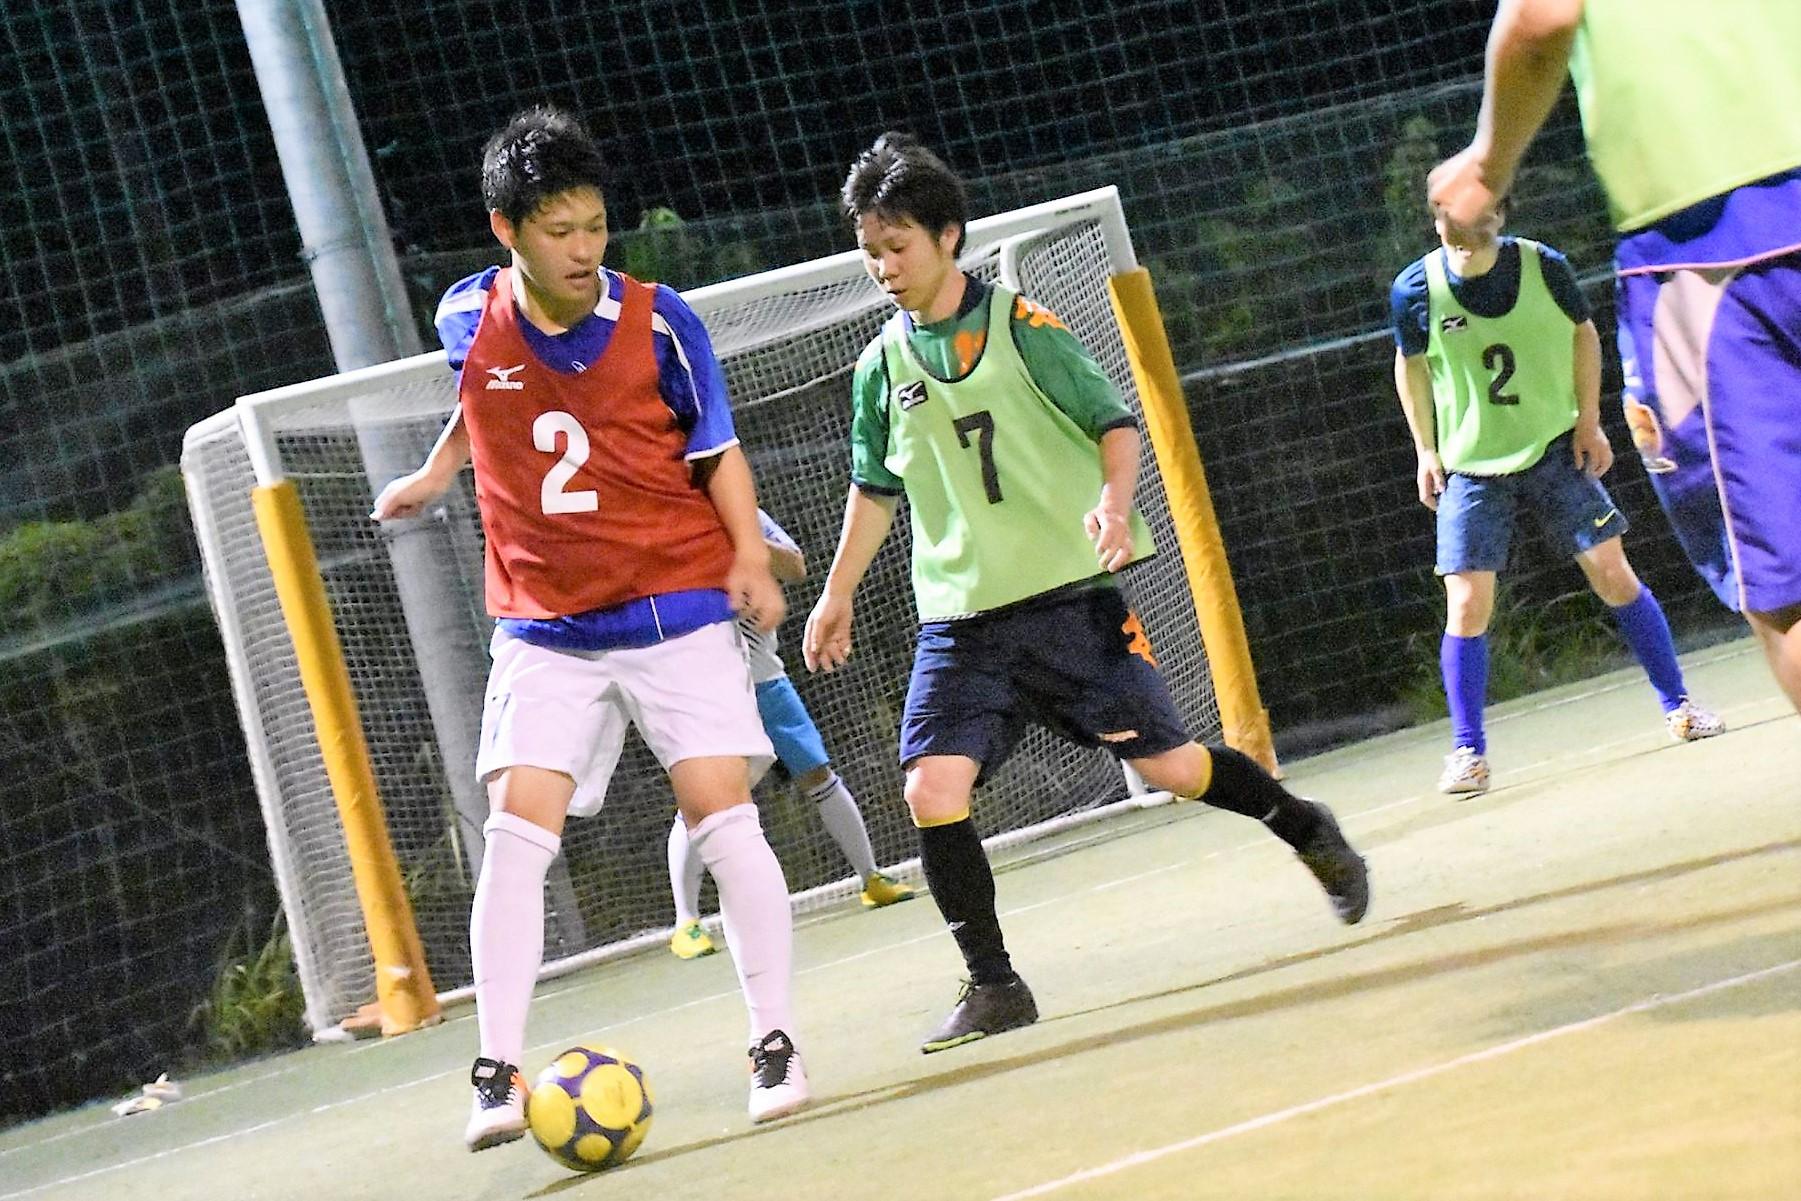 【イベント報告】7/15(土)スーパービギナーCUP powered by フットサルデザイン開催!優勝は全勝のRIN!